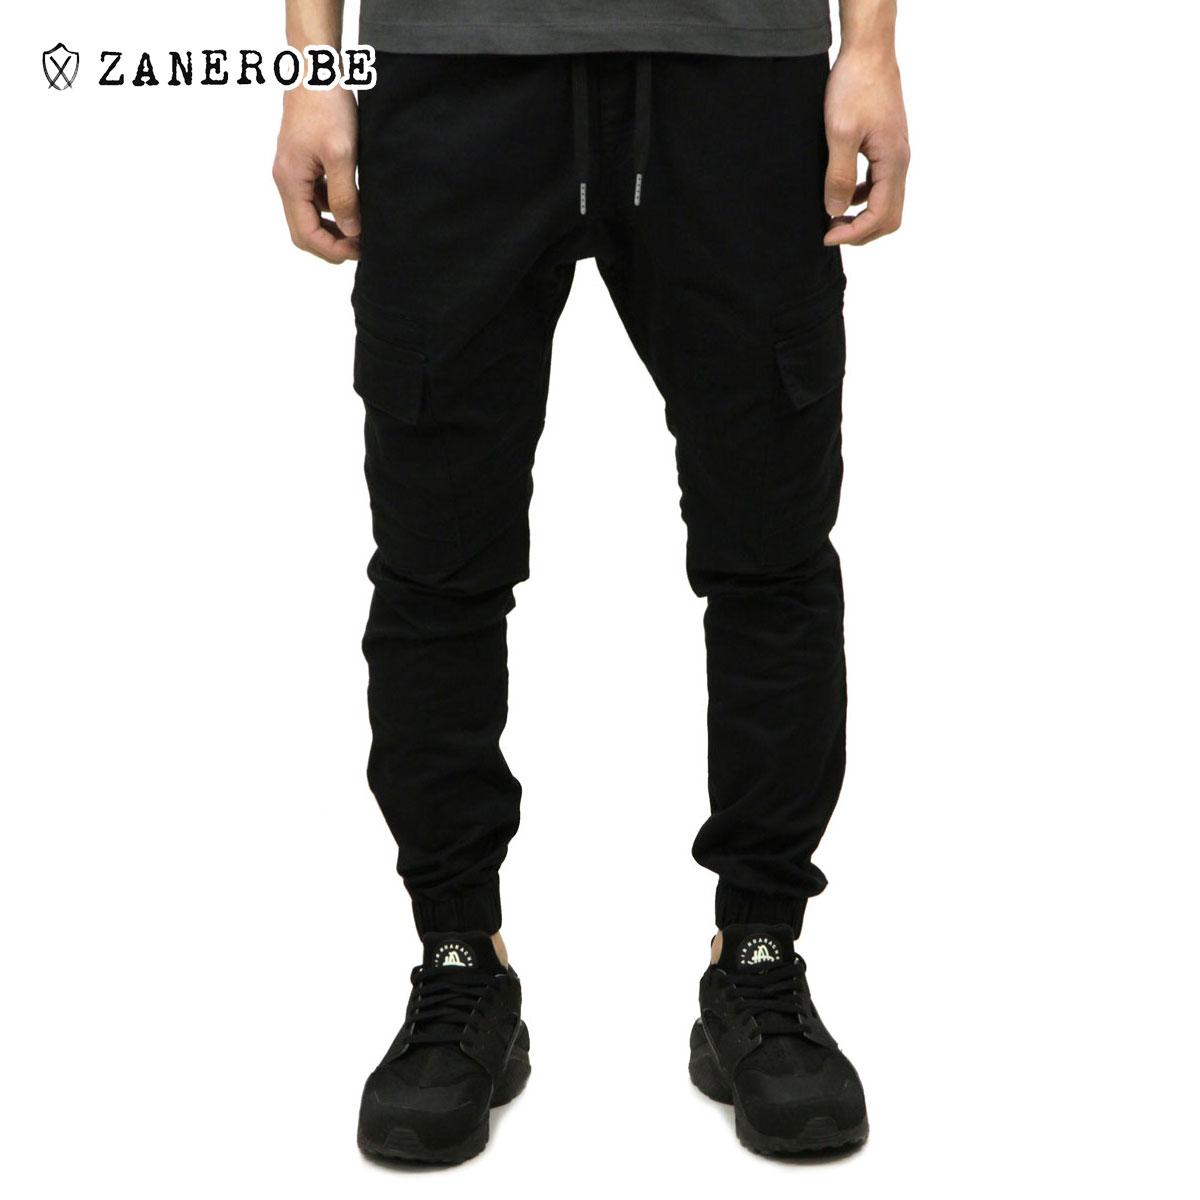 ゼンローブ ZANEROBE 正規販売店 メンズ カーゴパンツ SURESHOT CARGO JOGGER PANTS BLACK 700-WANI